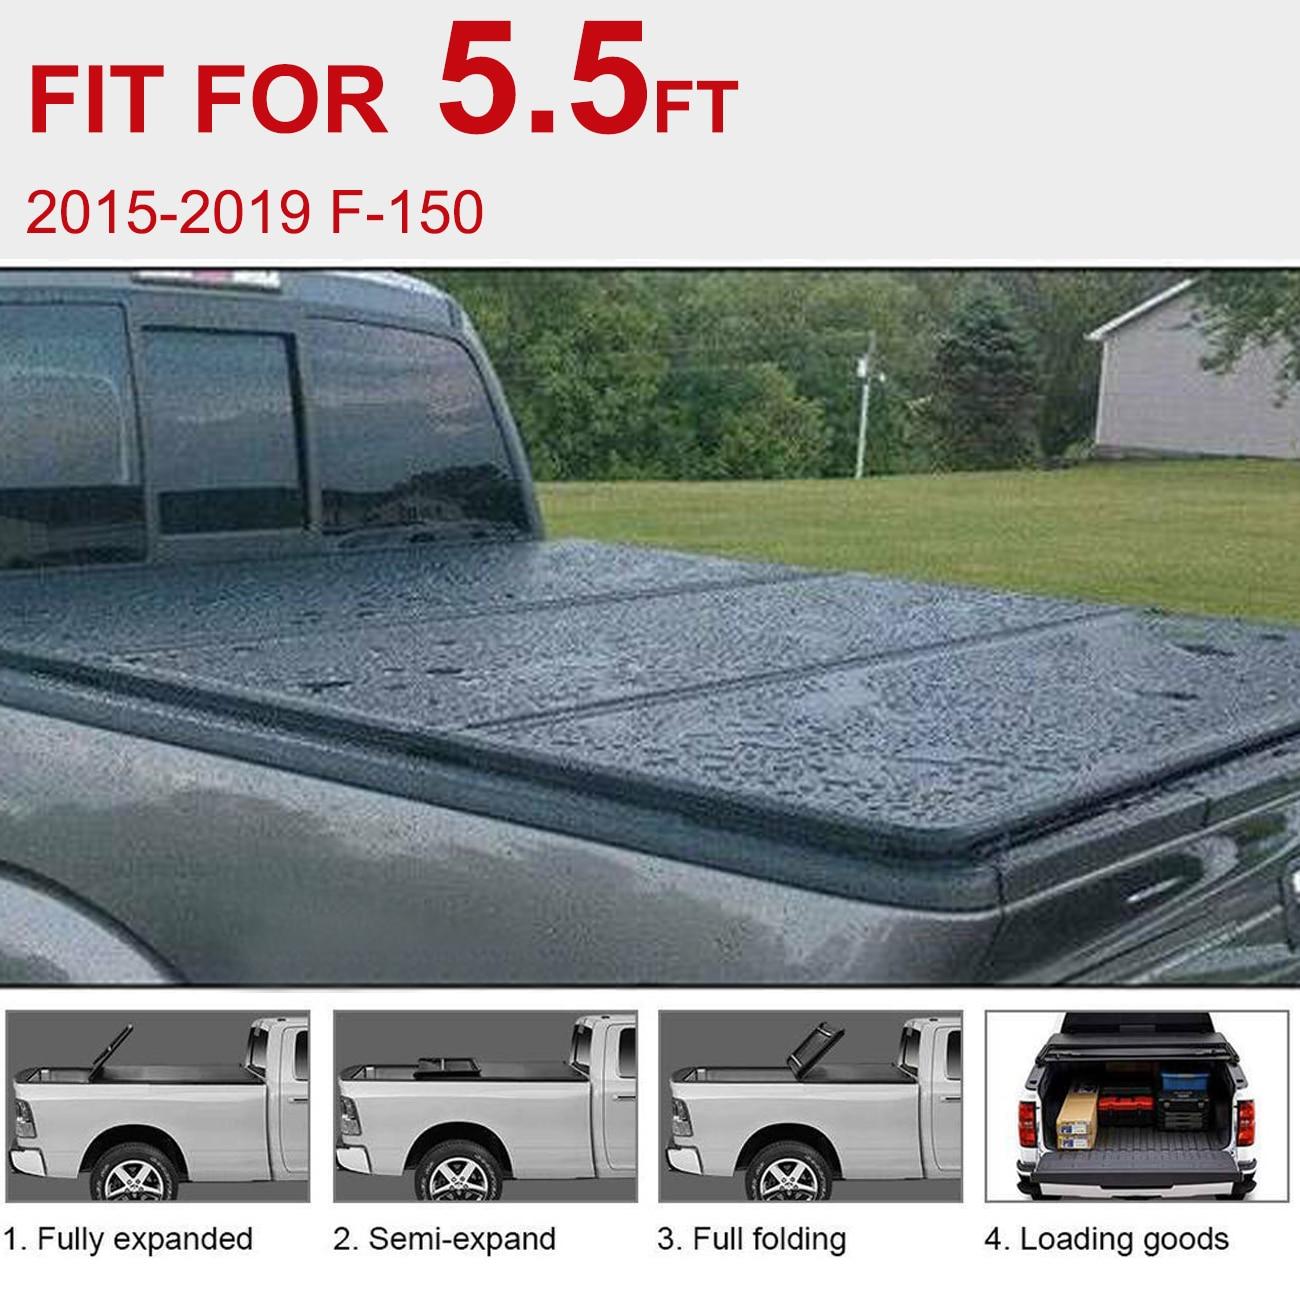 Samger (envío desde EE. UU.) cubierta de Tonneau tri-plegable suave negra de 5,5 pies para Ford F150 2015-2019 cubierta de cama de camión